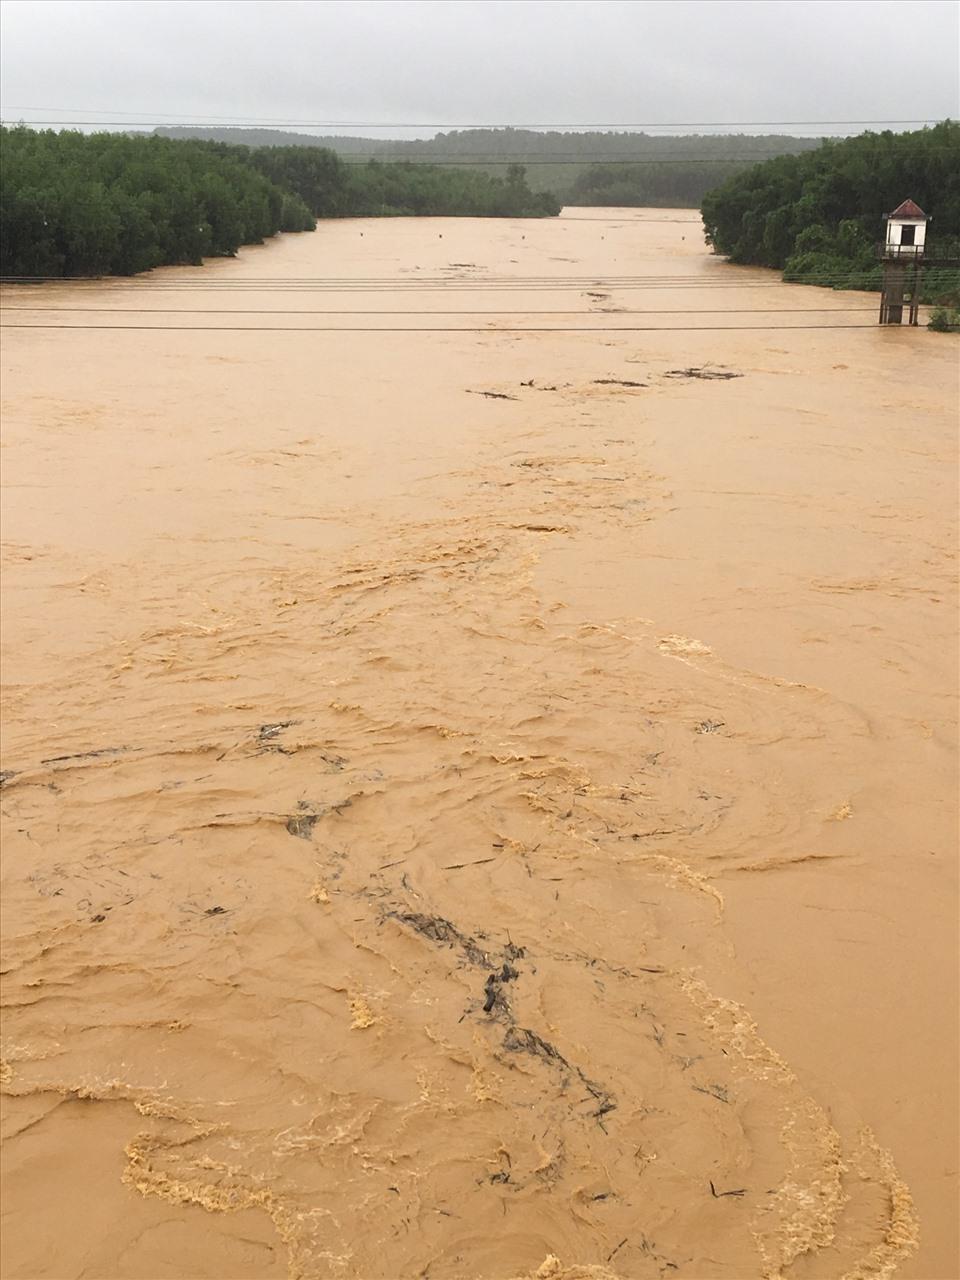 Mực nước trên các sông dâng cao gây ngập lụt. Ảnh: KTTV